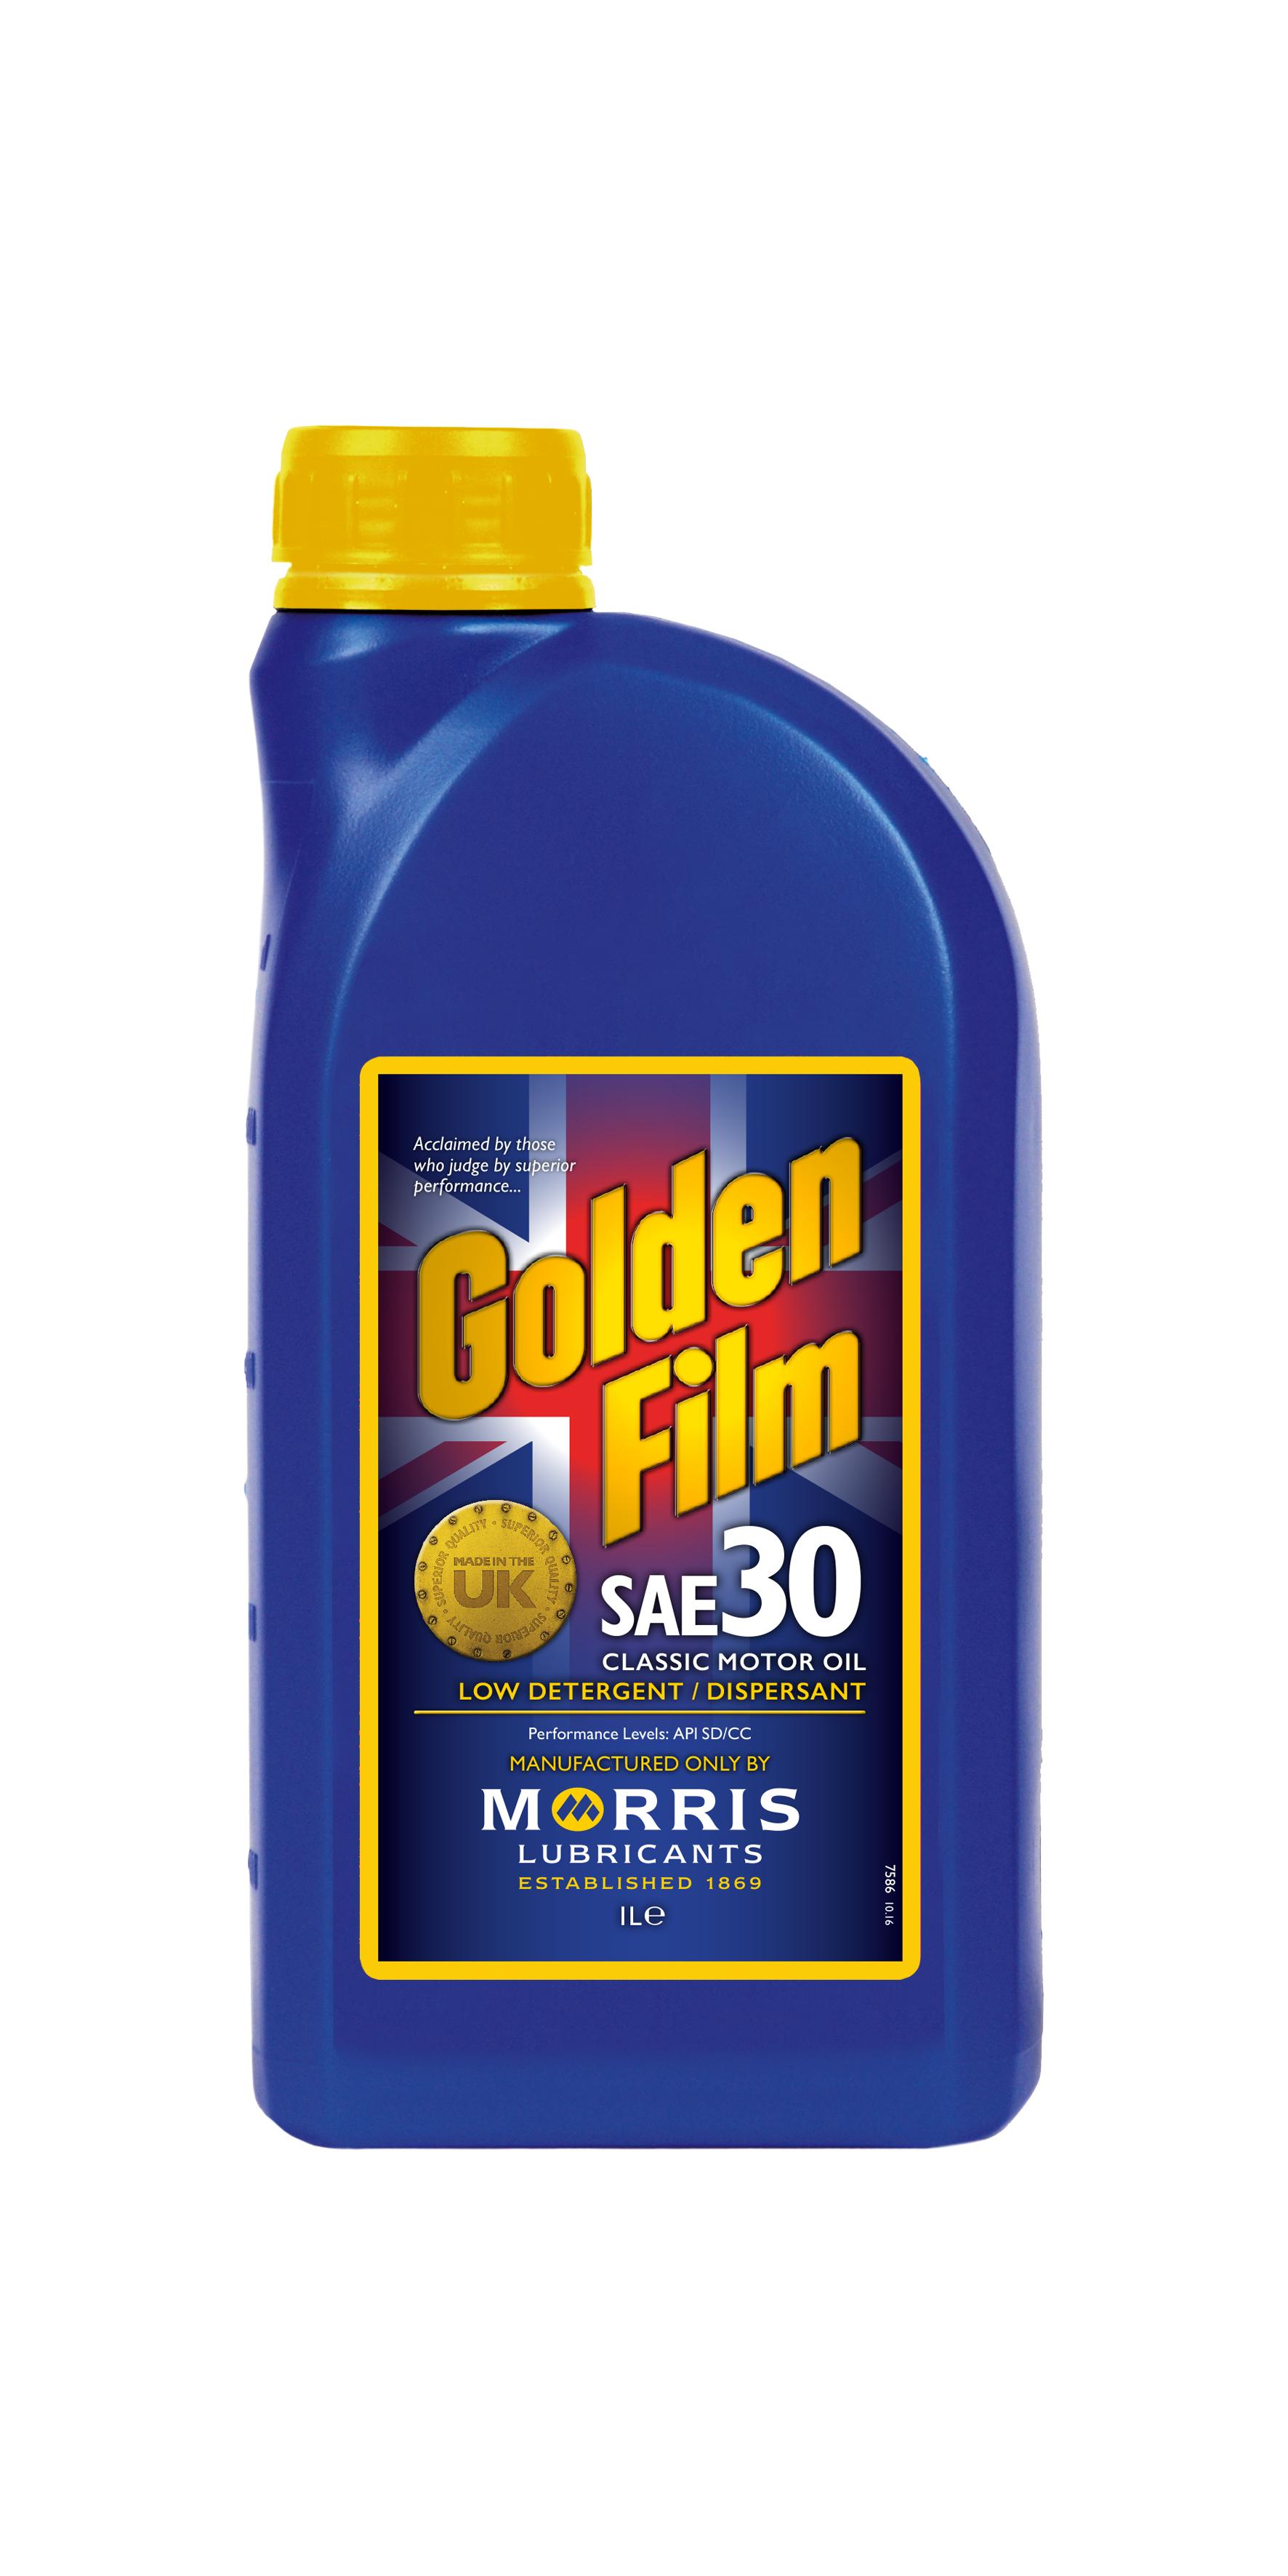 Golden film sae 30 classic motor oil for Motor oil for older cars